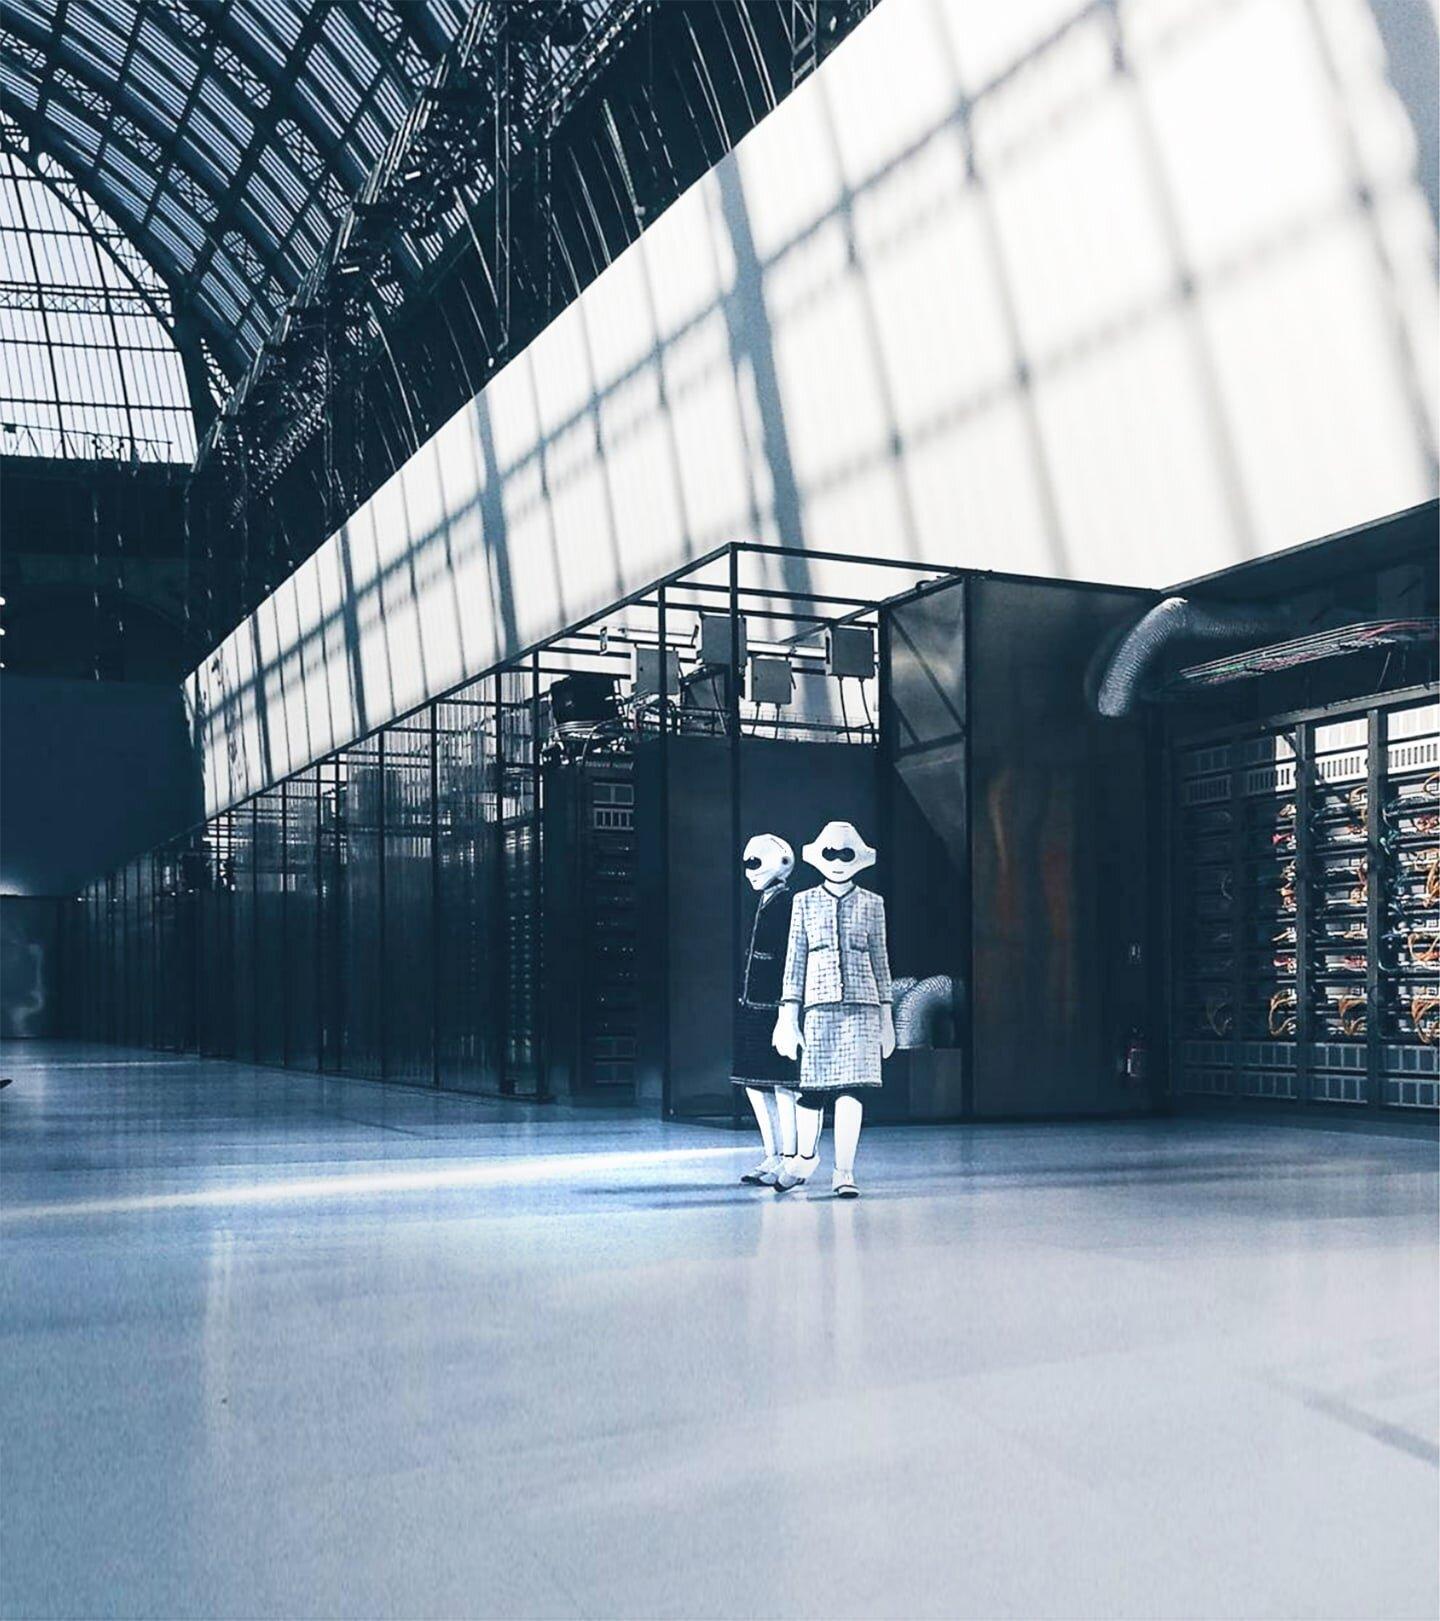 data center 3.jpg